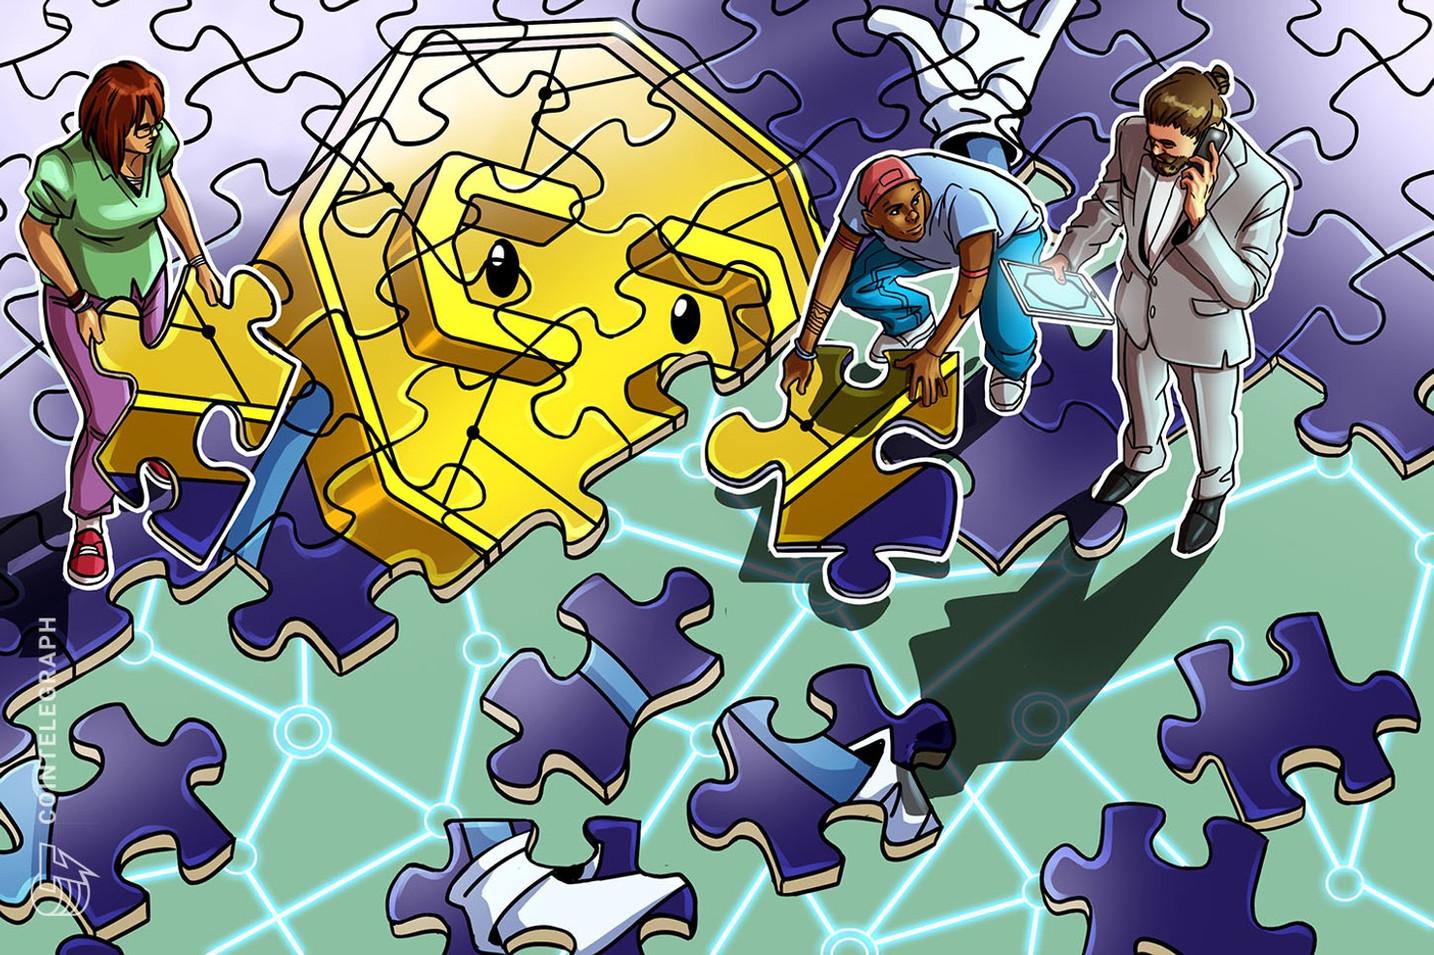 年末までに仮想通貨ビットコインは45%、ETHは50%、XRPは40%上昇も...??|バイナンスの機関投資家アンケート【価格予想】